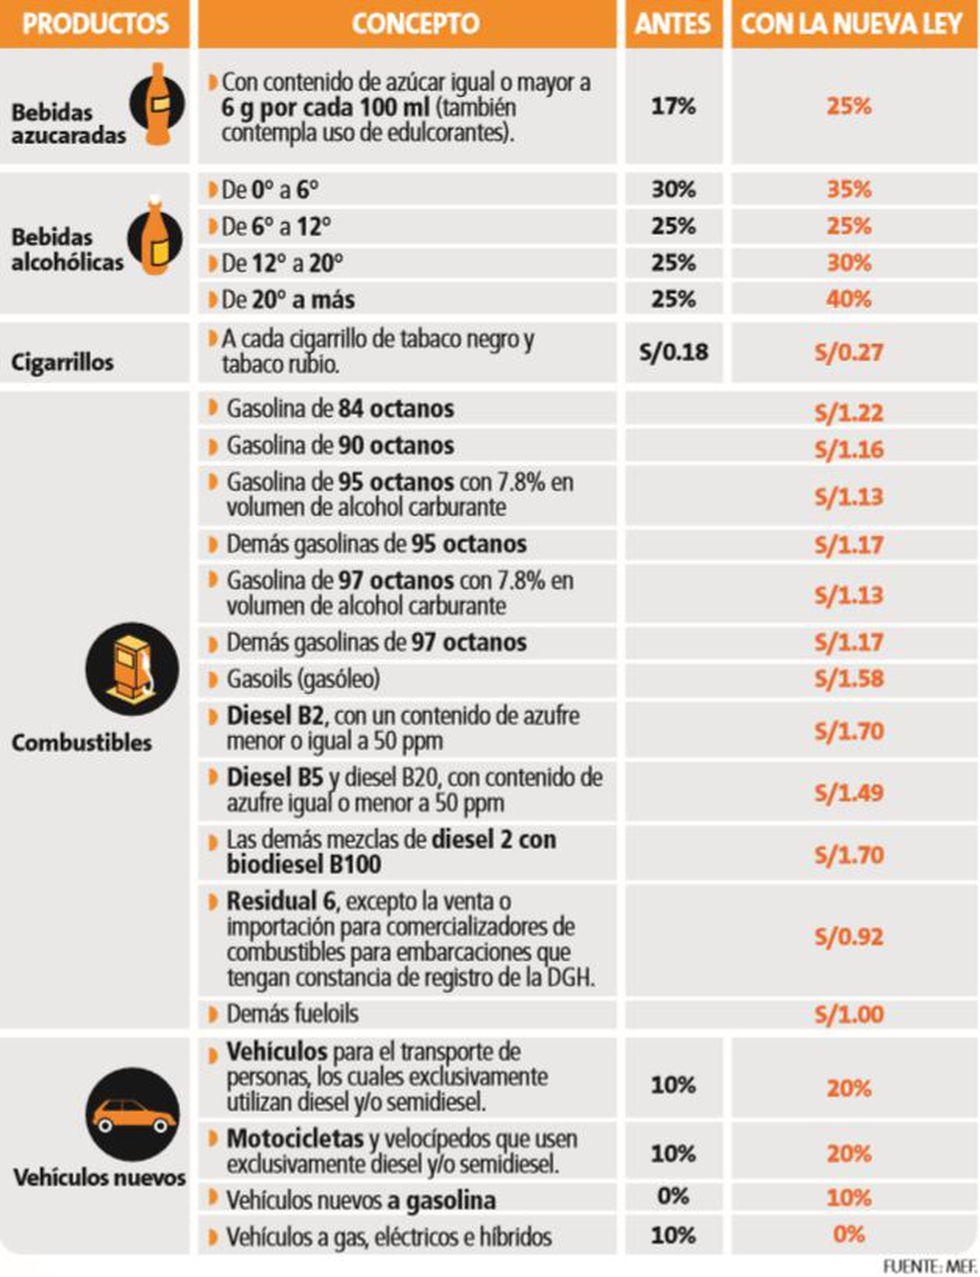 ¡Atentos! MEF subió impuesto a las gaseosas, licores, cigarros, combustibles y vehículos. (Perú21)